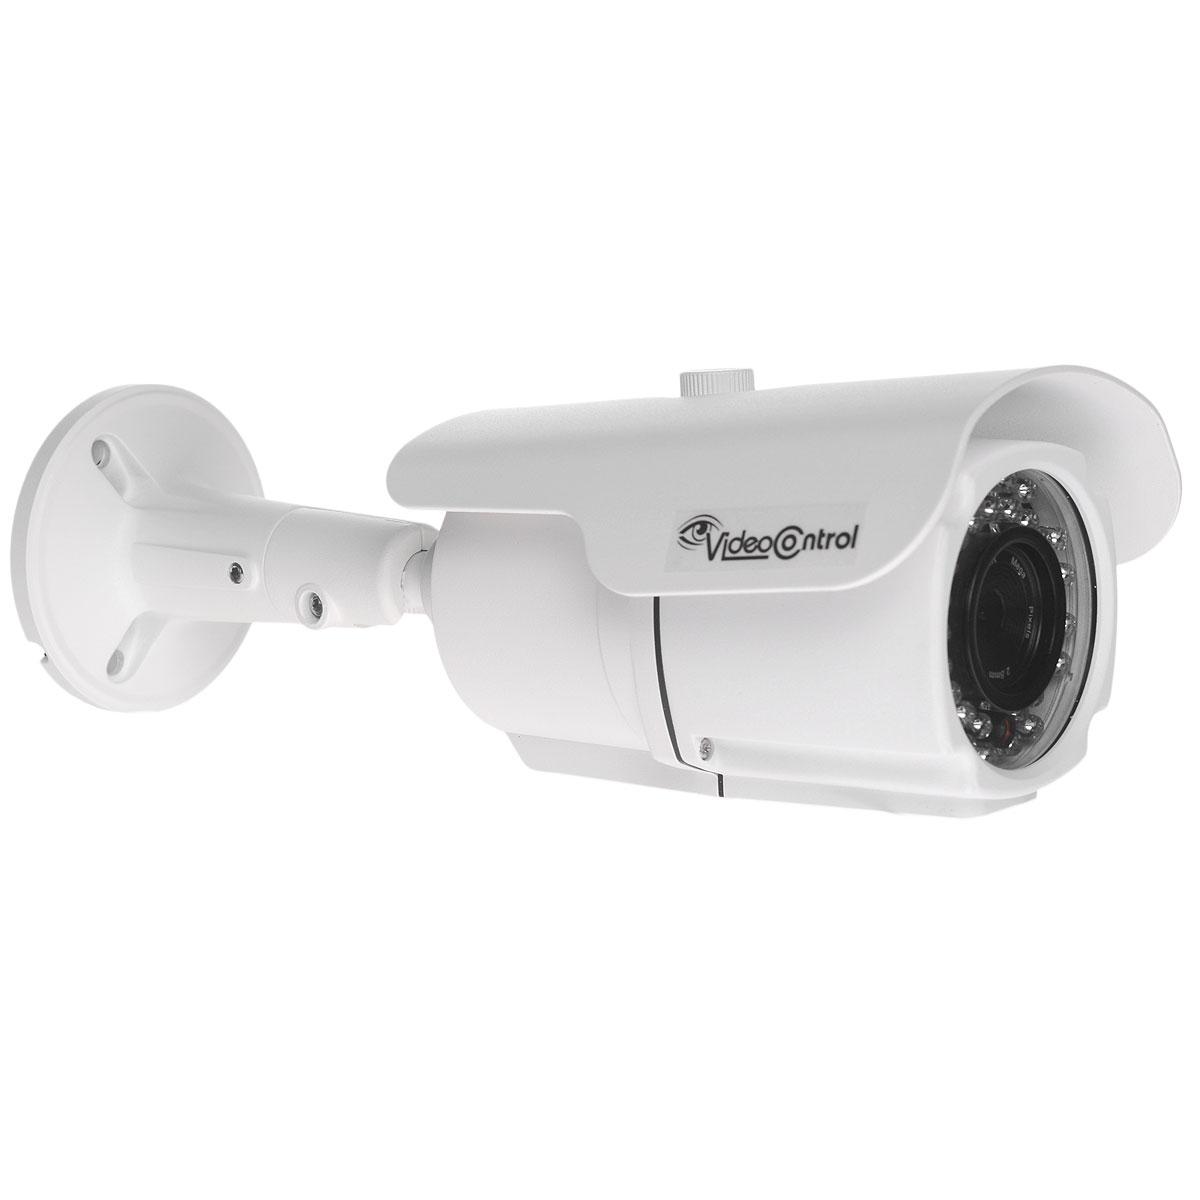 Video Control VC-IR81520IPA-P IP камера видеонаблюдения ( VC-IR81520IPA-P )